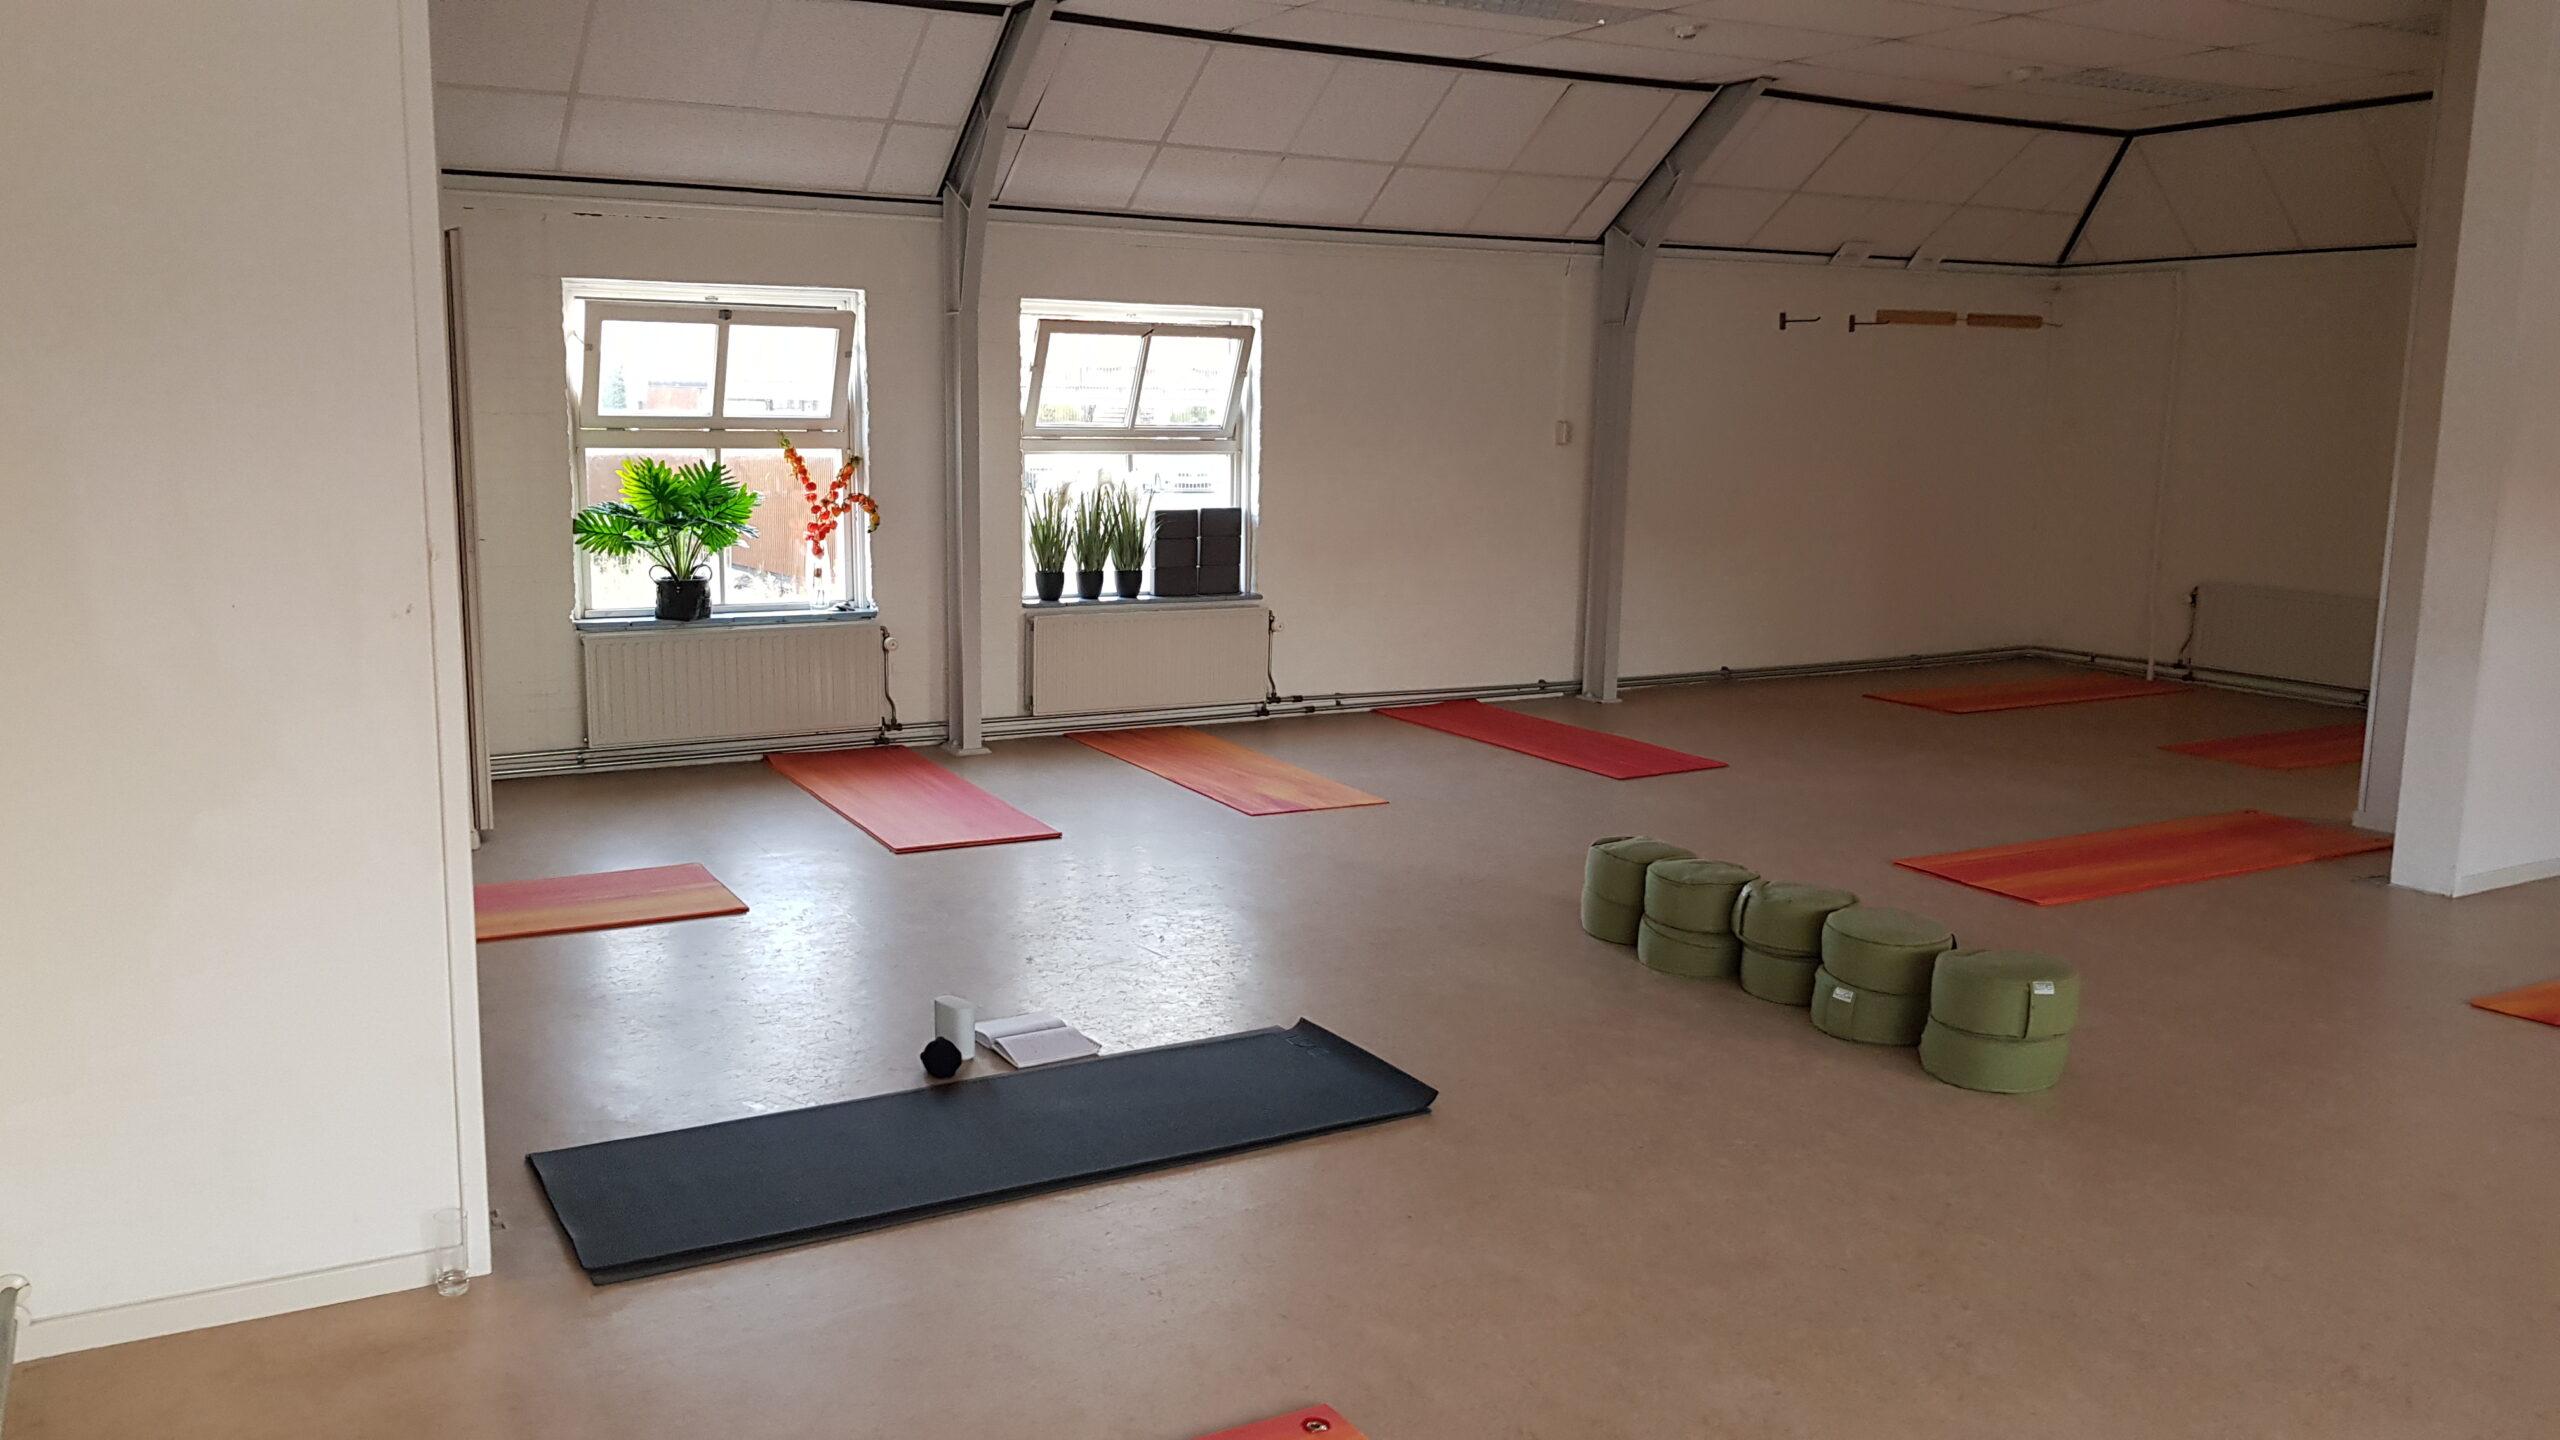 Yoga ruimte op de boerderij. Kleinschalig, met veel persoonlijke aandacht.